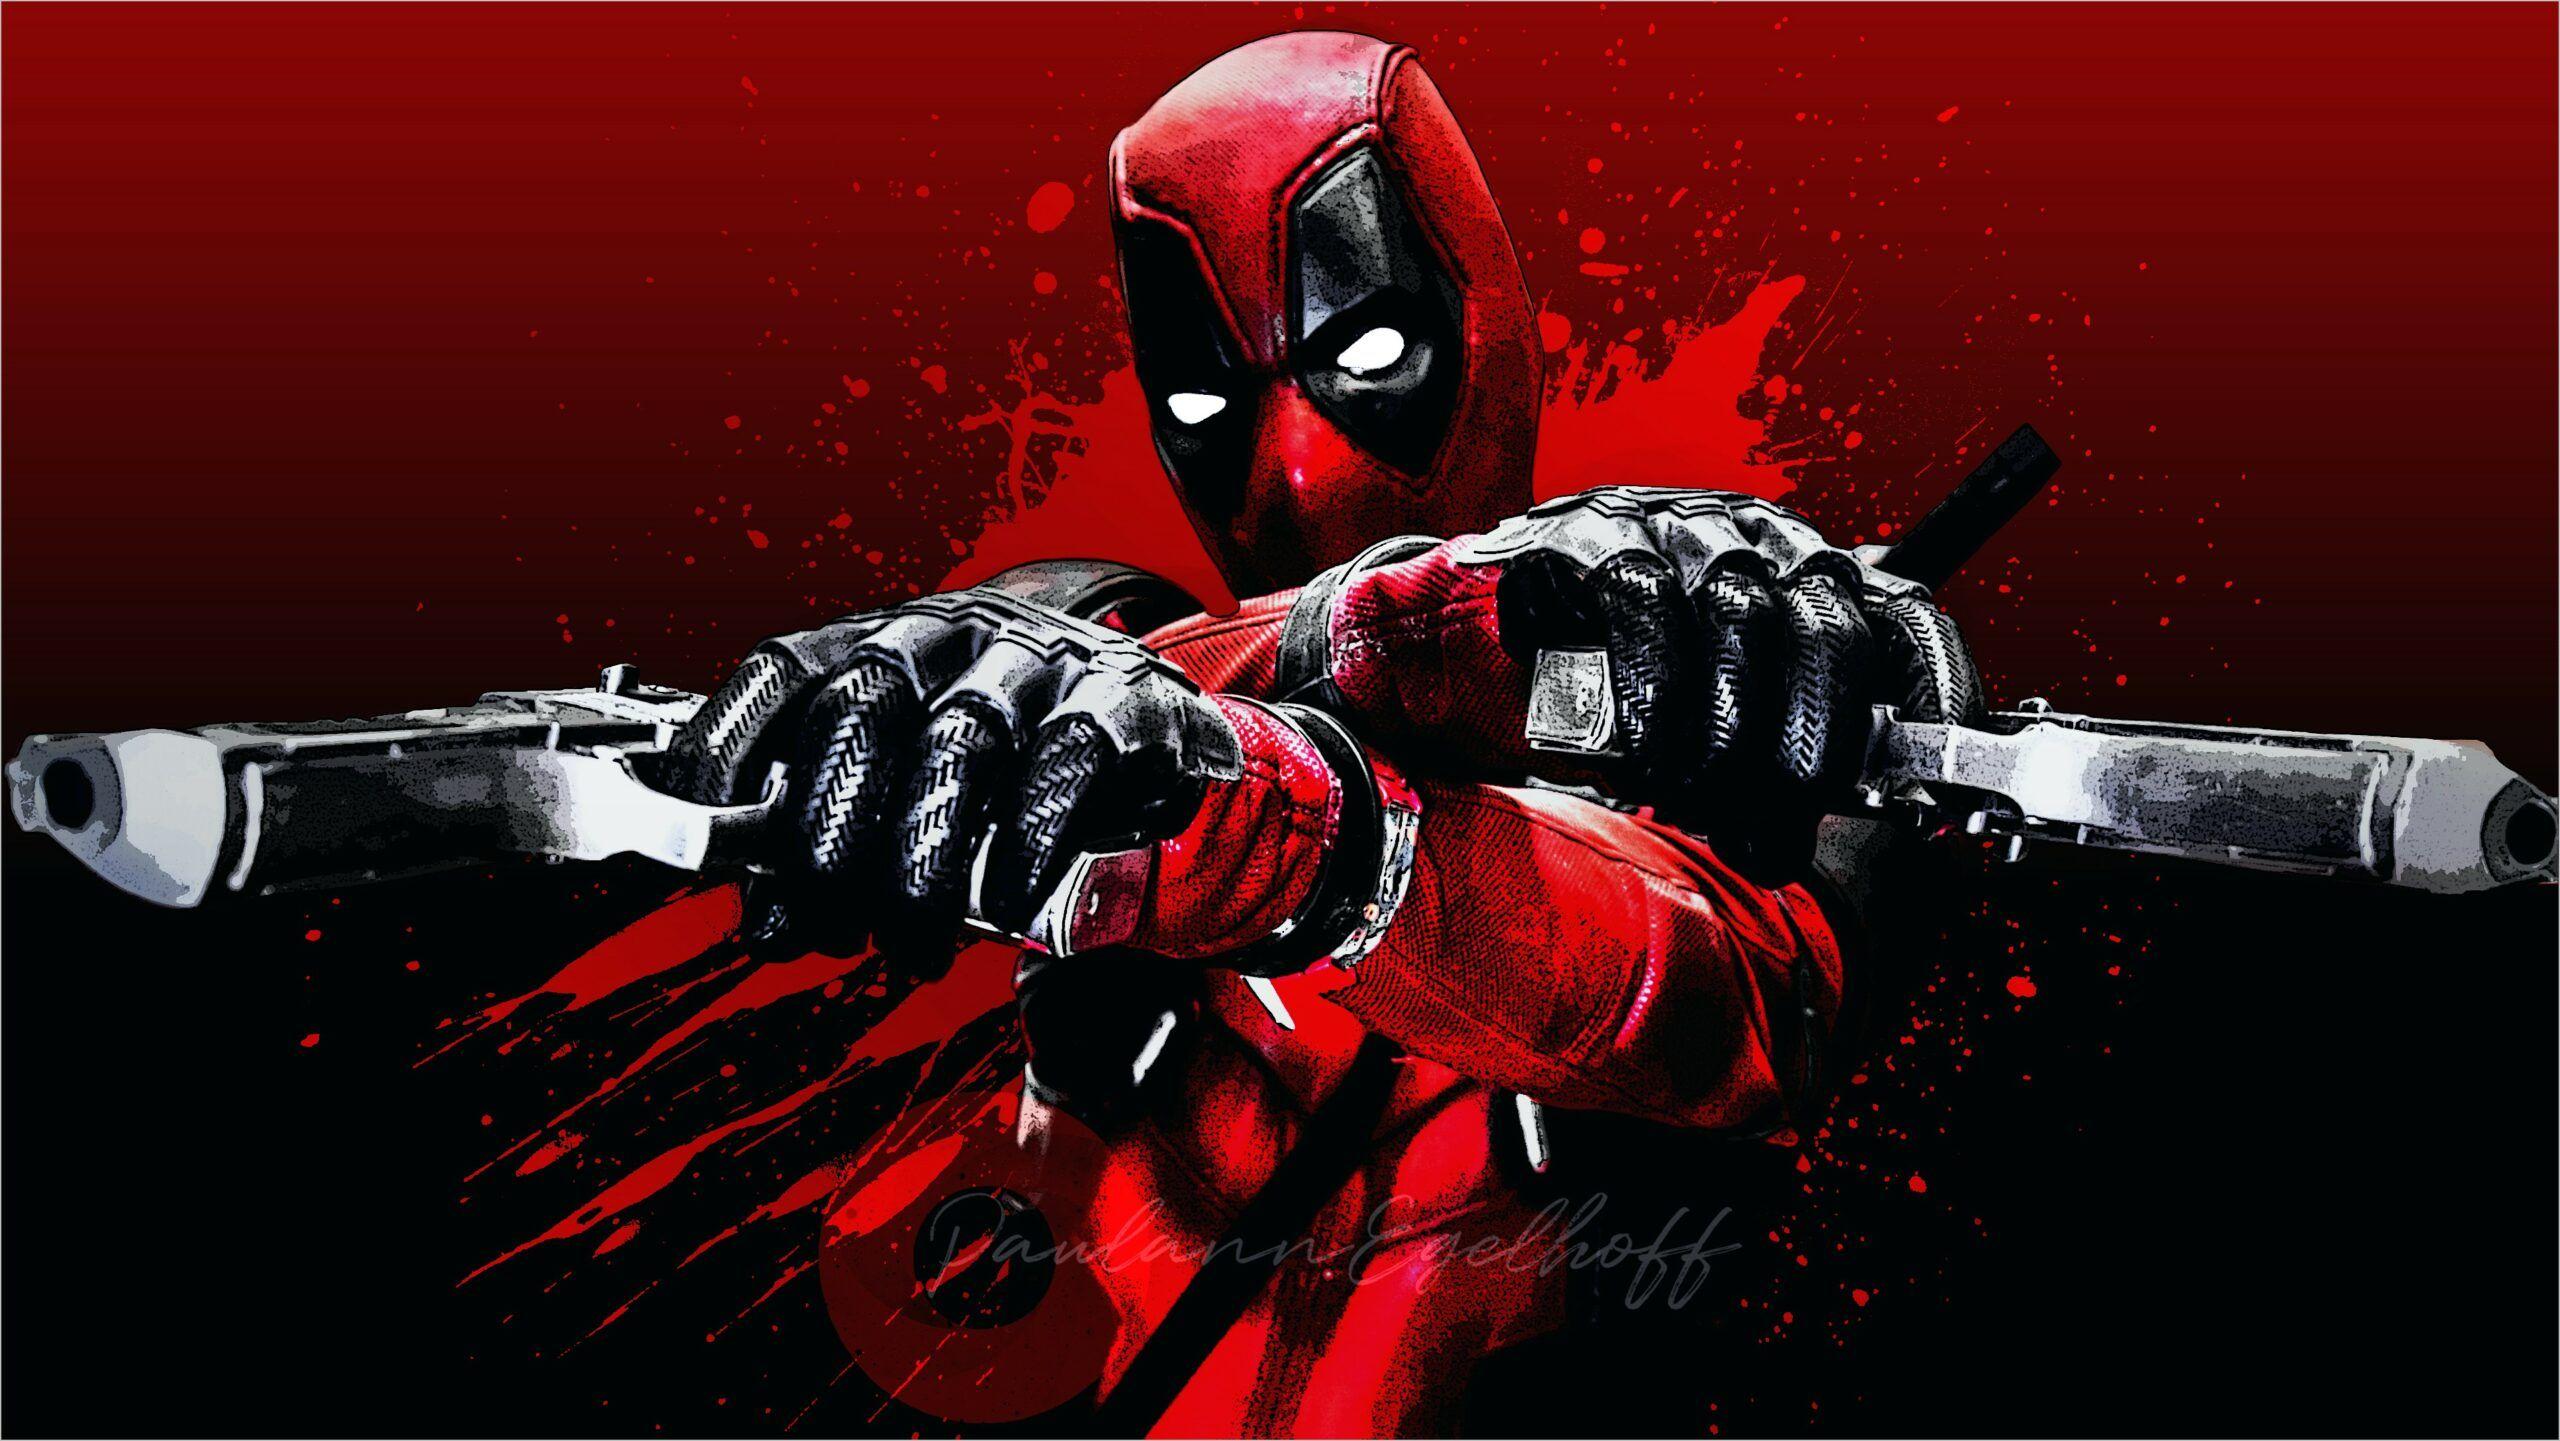 4k Wallpapers For Pc Deadpool In 2020 Deadpool Wallpaper Deadpool Hd Wallpaper Superhero Wallpaper